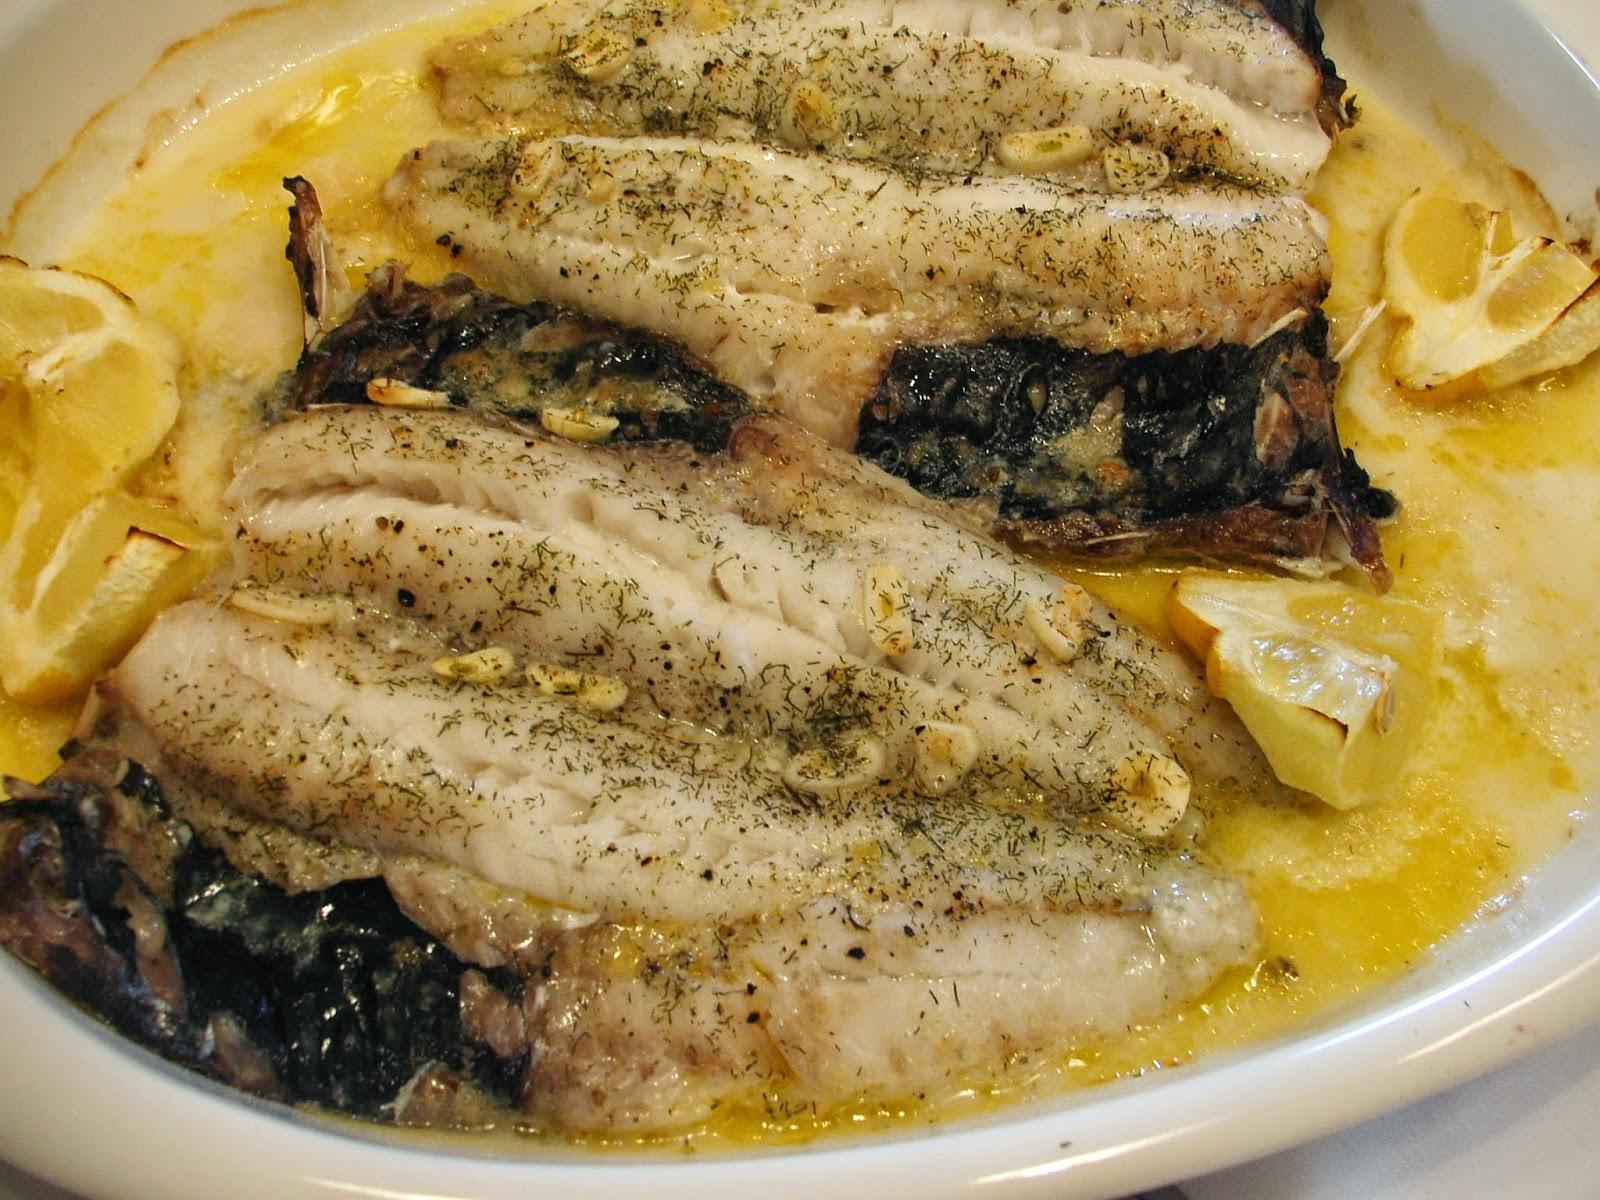 Cocinar sin sal bertorella con salsa de mantequilla sin sal - Cocinar sin sal ...